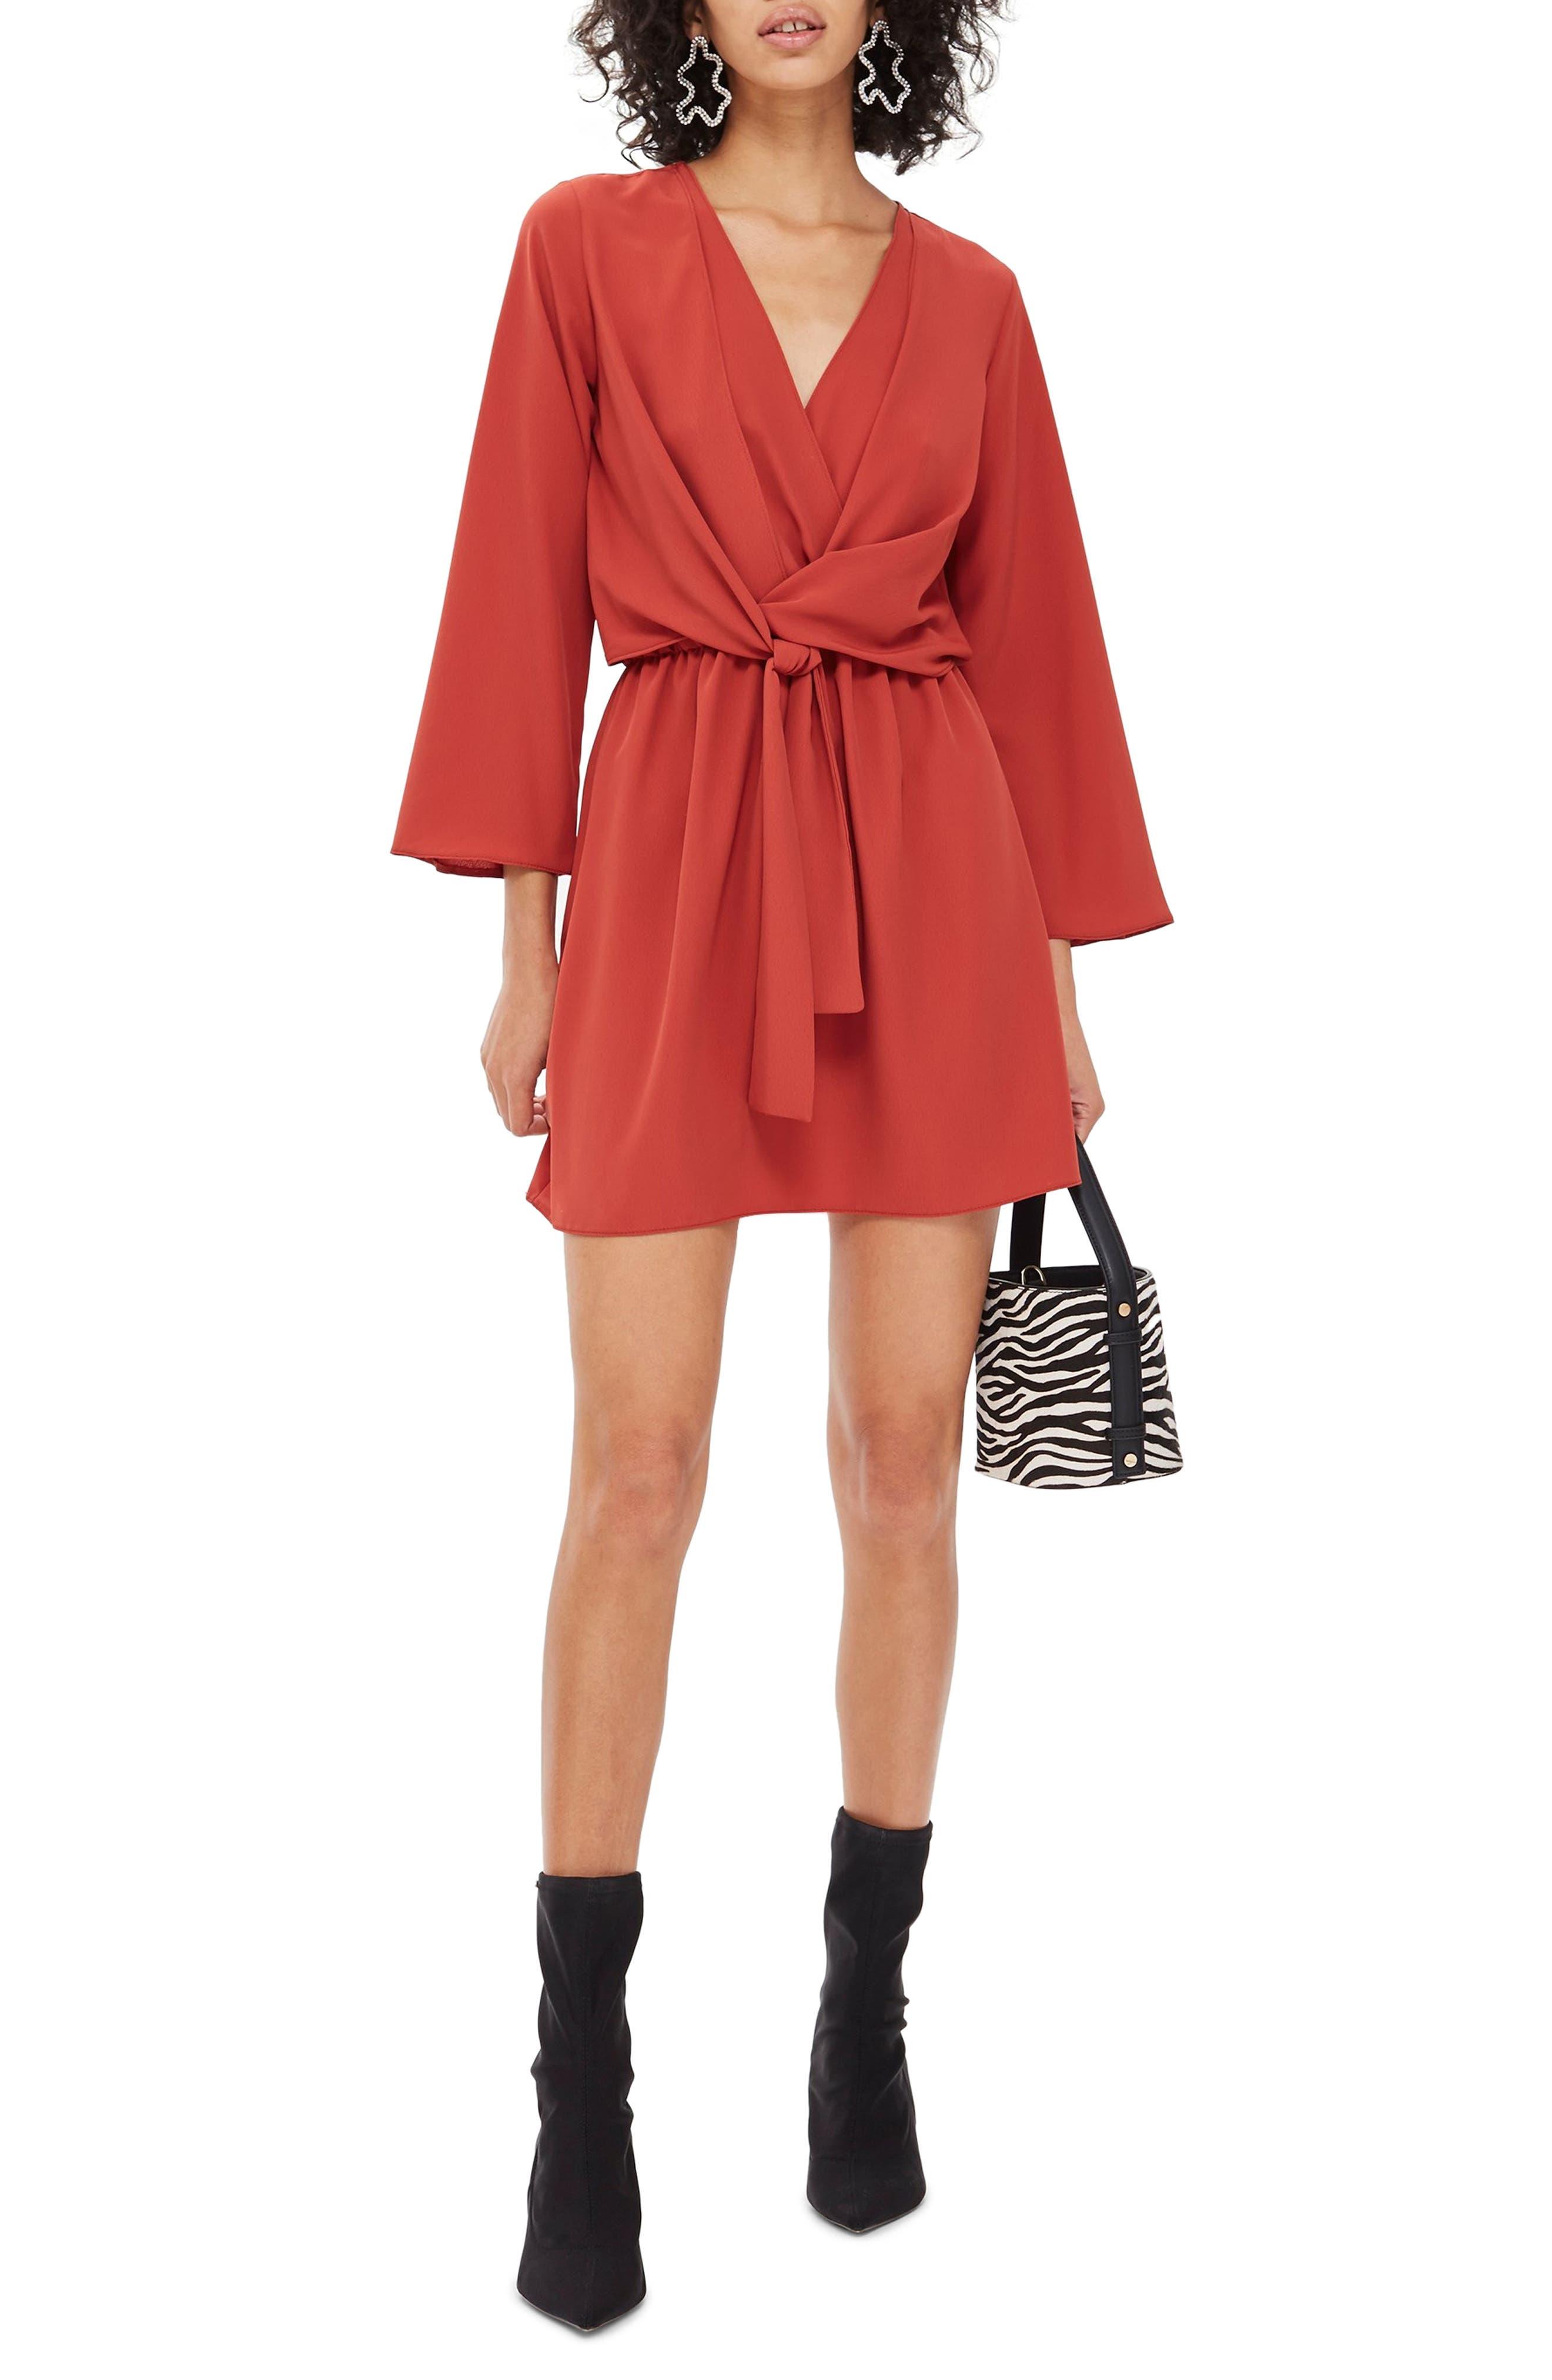 Topshop Women s Dresses  8f516a399